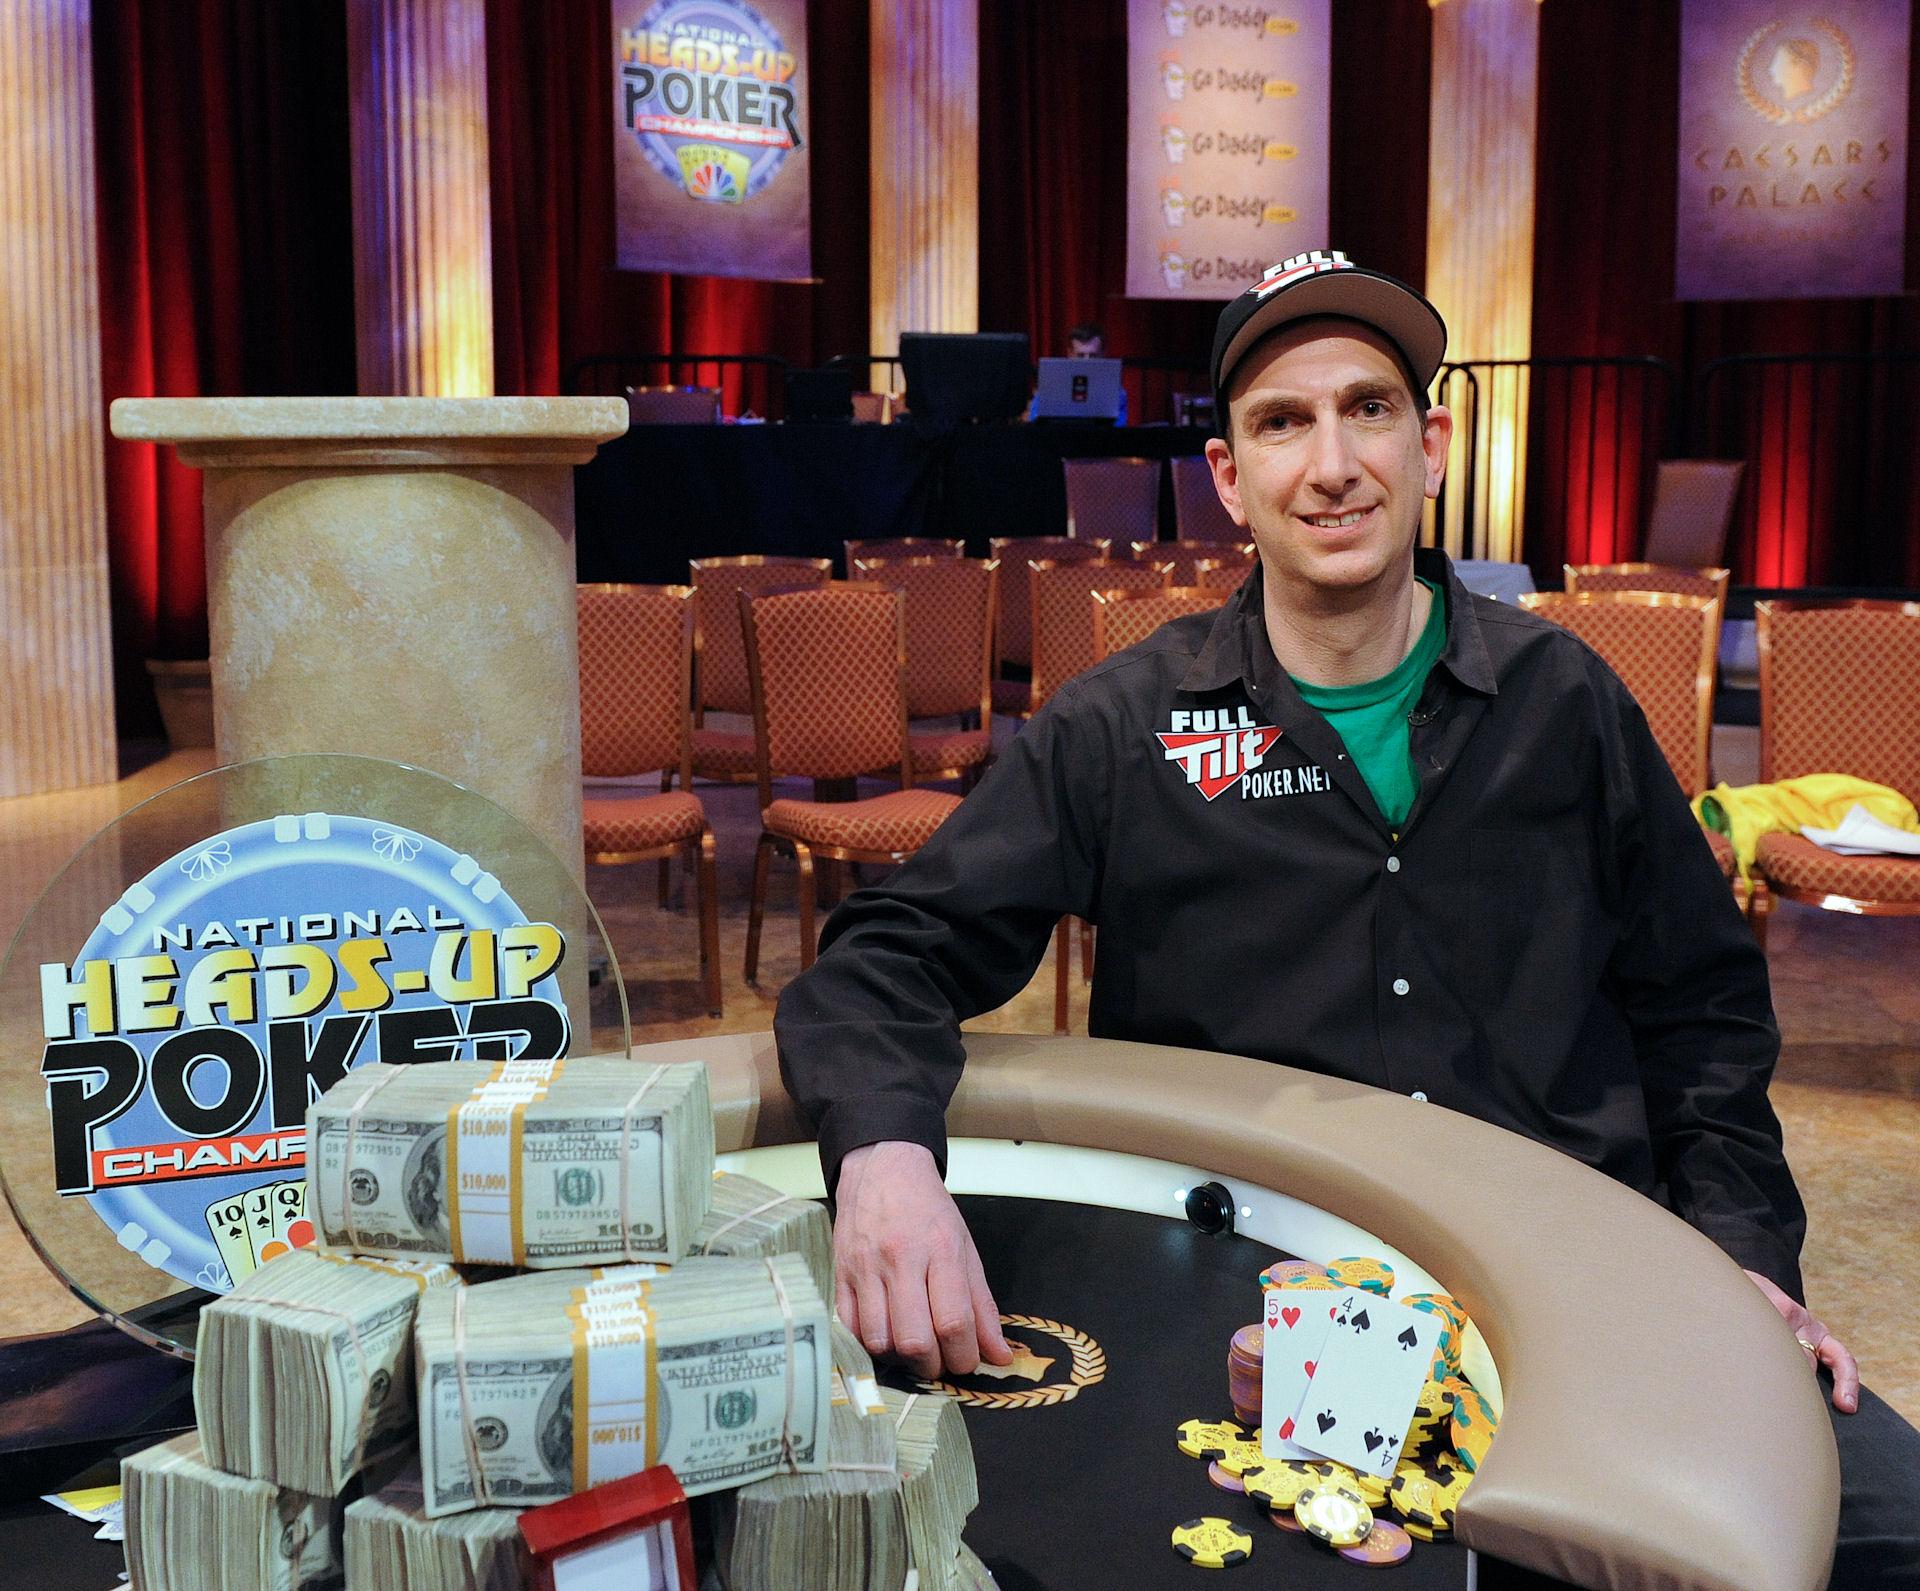 Pemain Poker Terkaya Yang Sangat Mengesankan